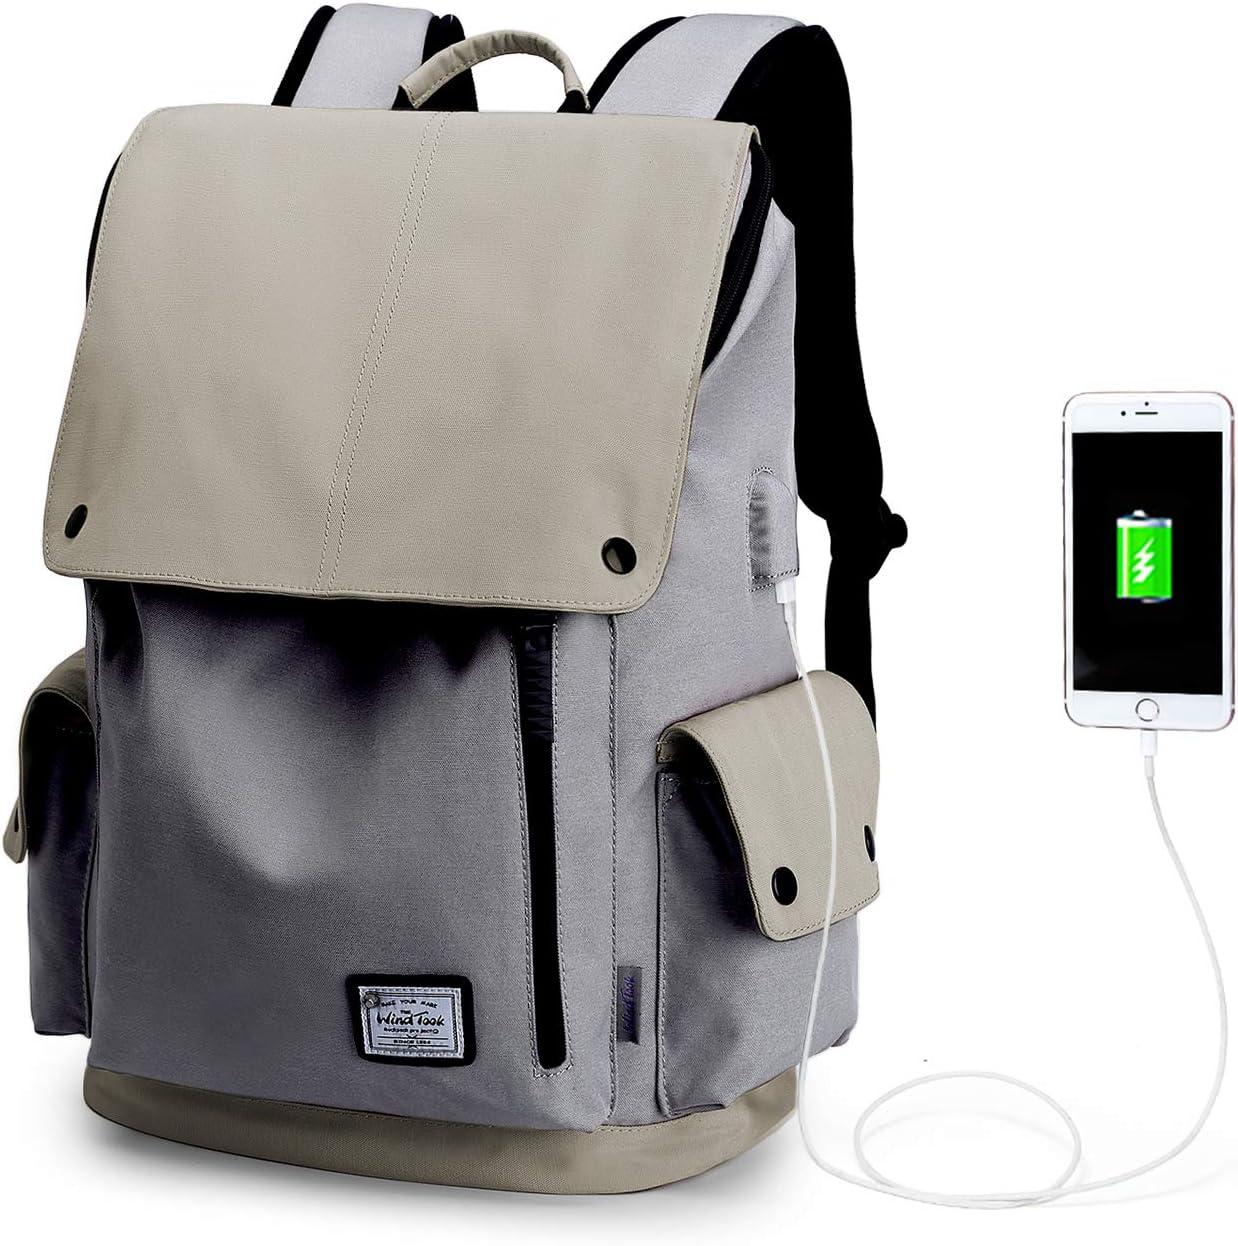 Wind Took Sac /à Dos Loisir pour Ordinateur Portable 15.6 Pouces avec Port de Charge USB Sac Scolaire pour Femme ou Homme